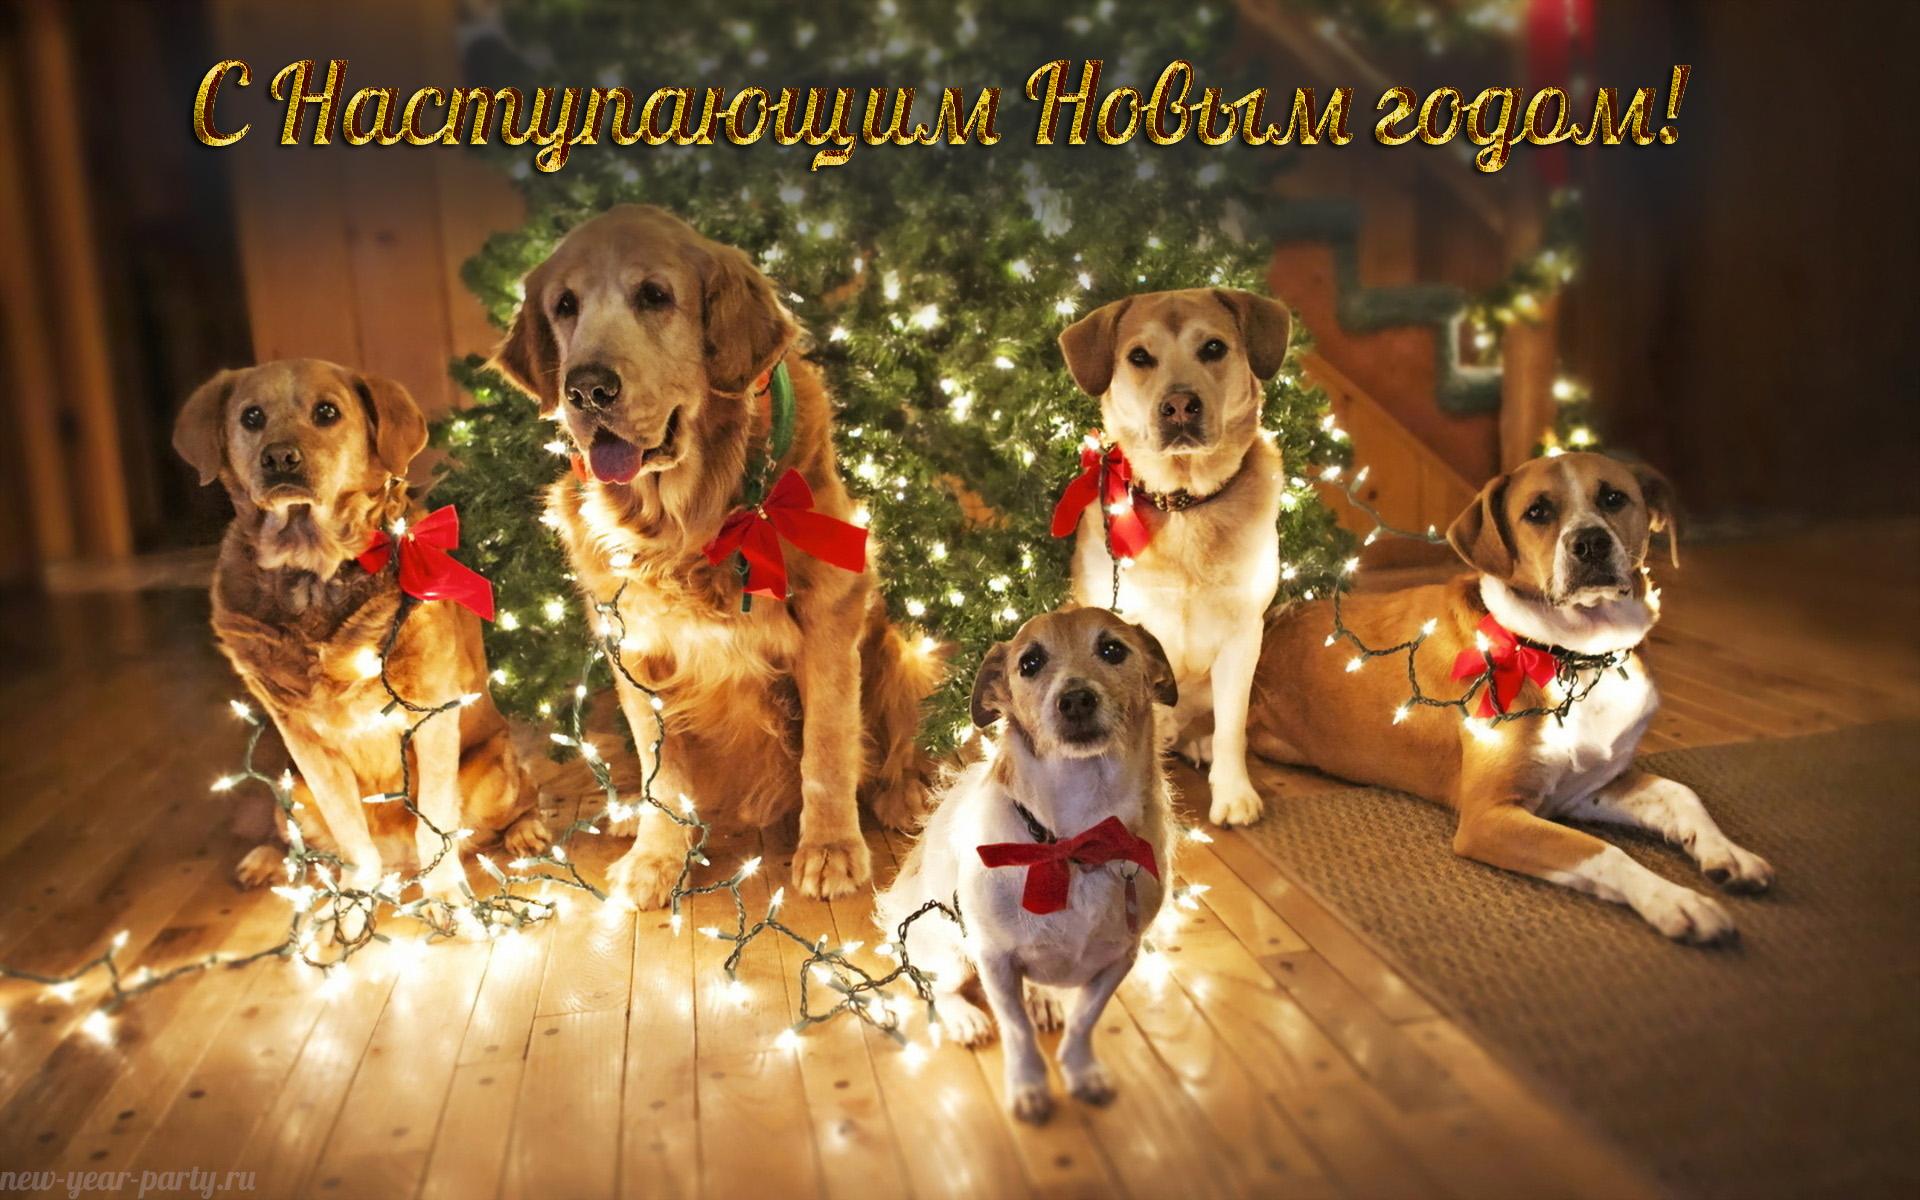 новогодняя открытка 2018 год собаки8